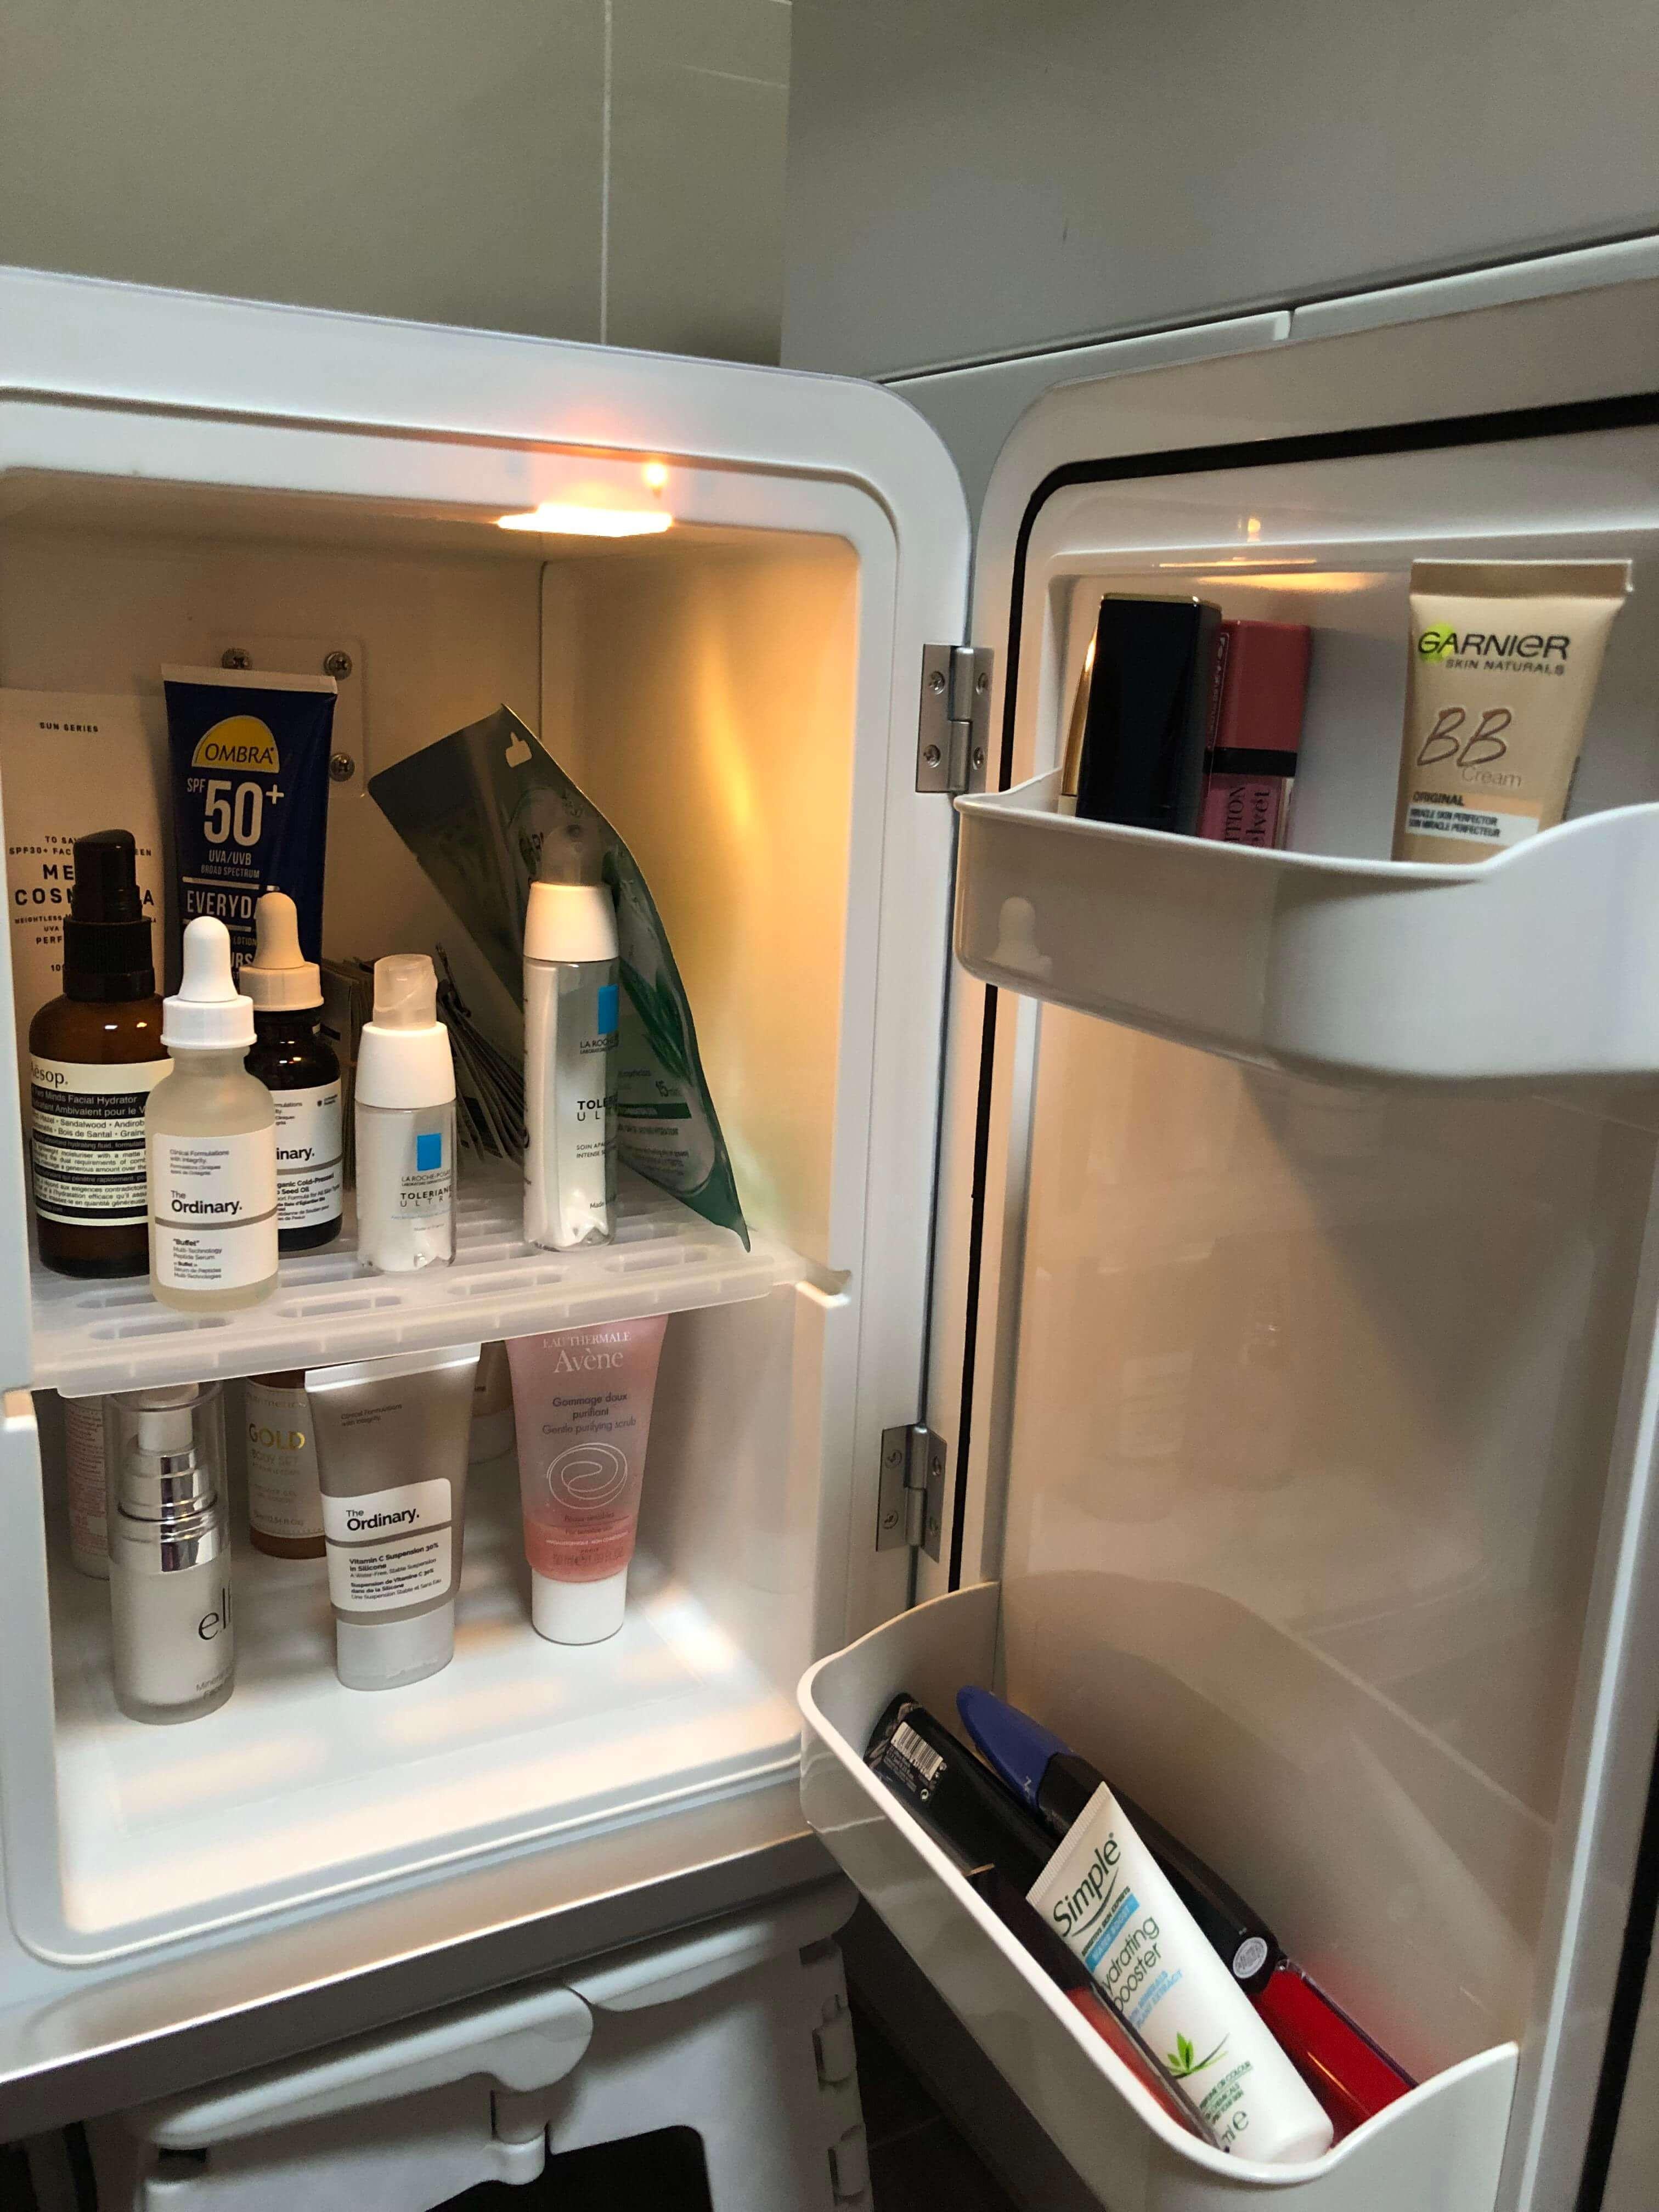 Để mặt nạ đã qua sử dụng vào tủ lạnh có thể giúp bạn tái sử dụng thêm một lần nữa nhé